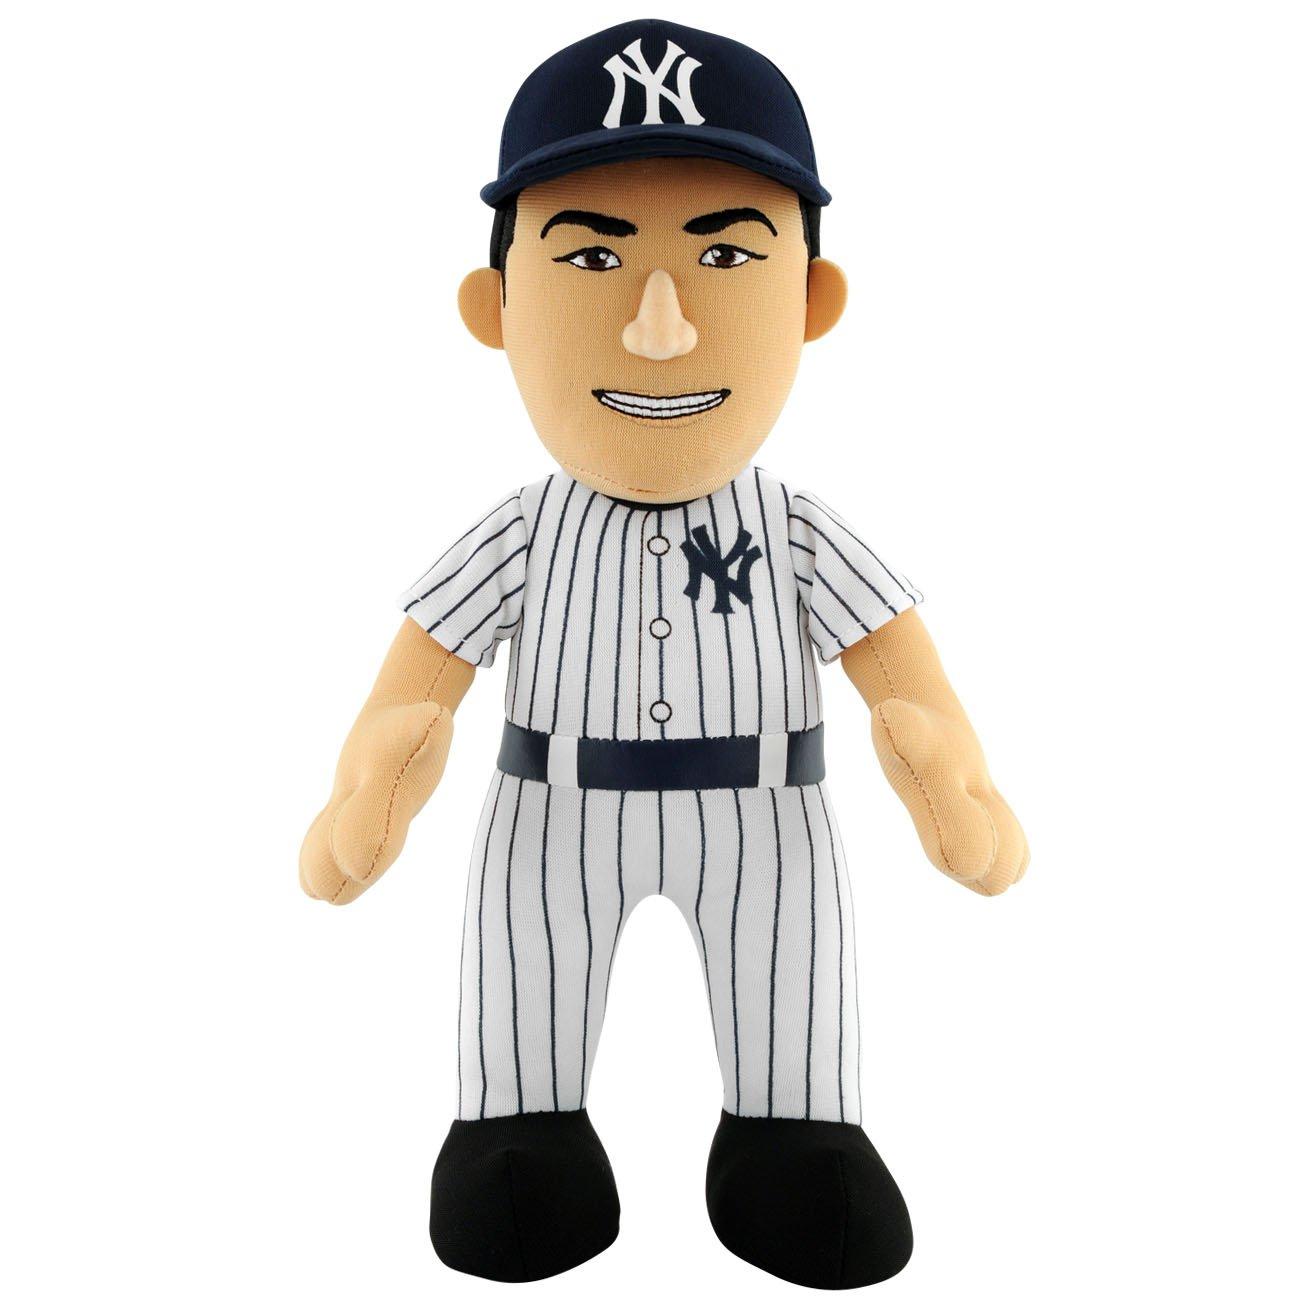 MLB Player 25cm Figure Yankees Masahiro Tanaka